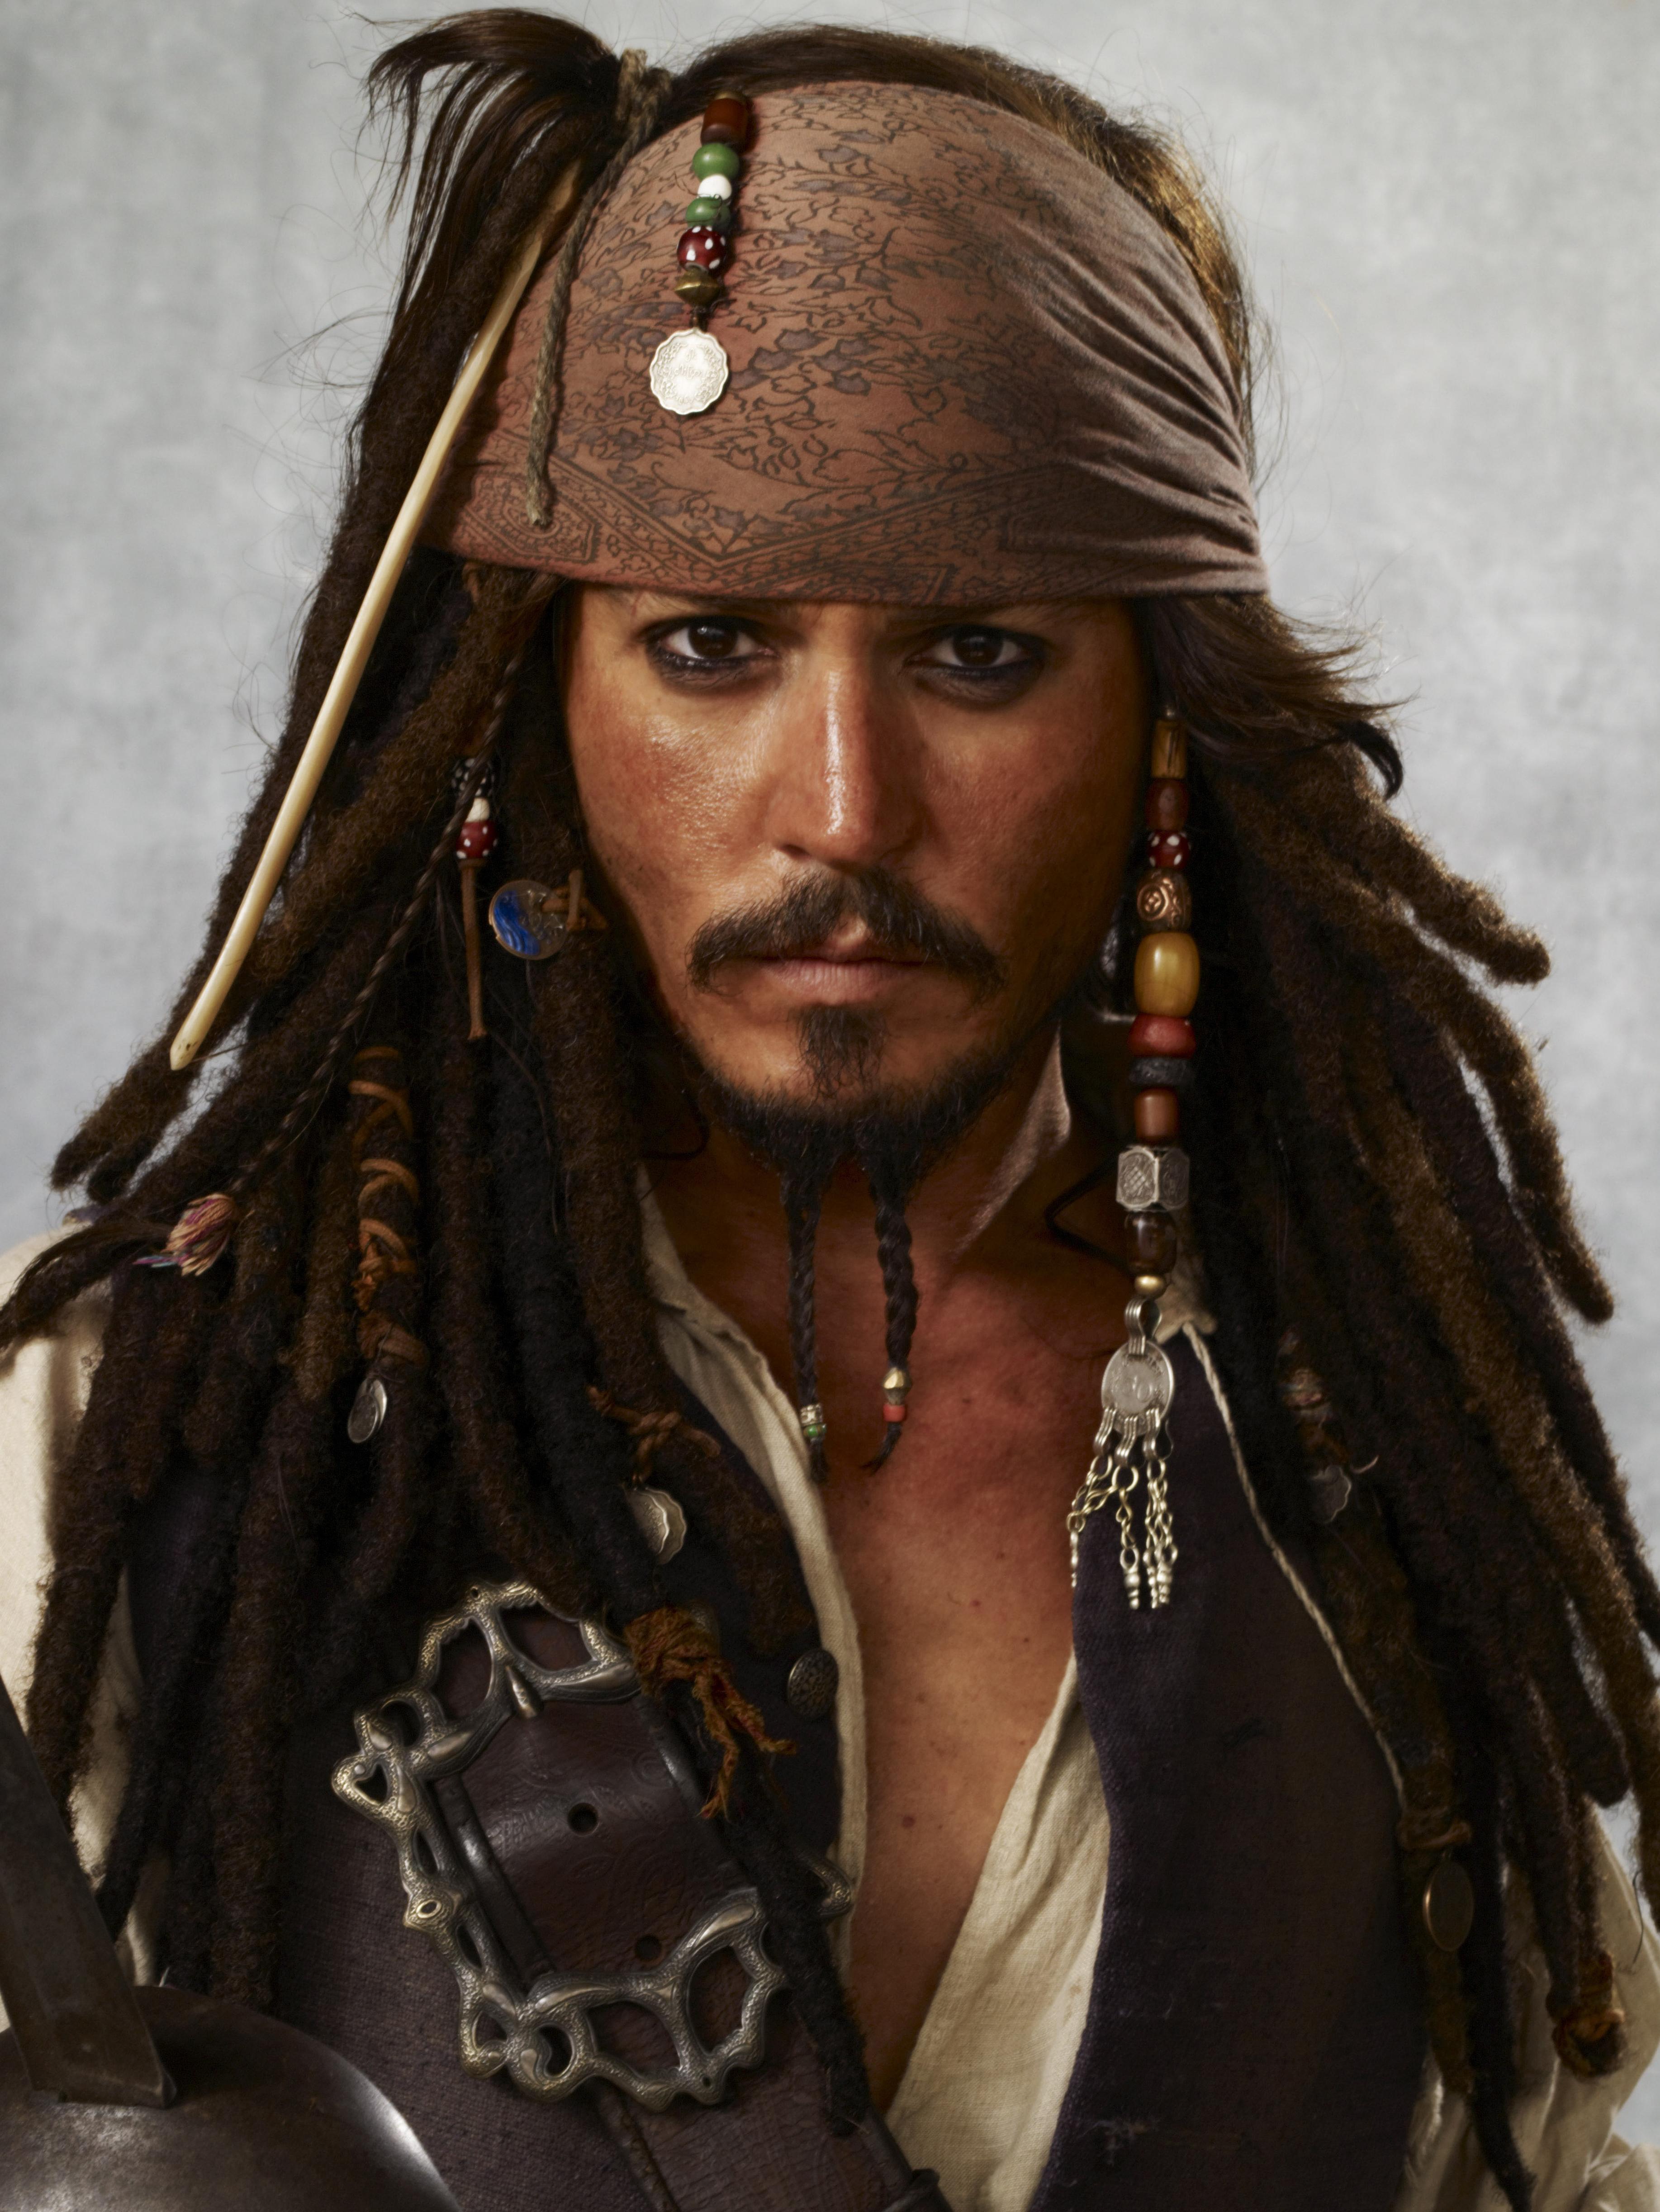 Premières images de Jack Sparrow dans Pirates des Caraïbes 4